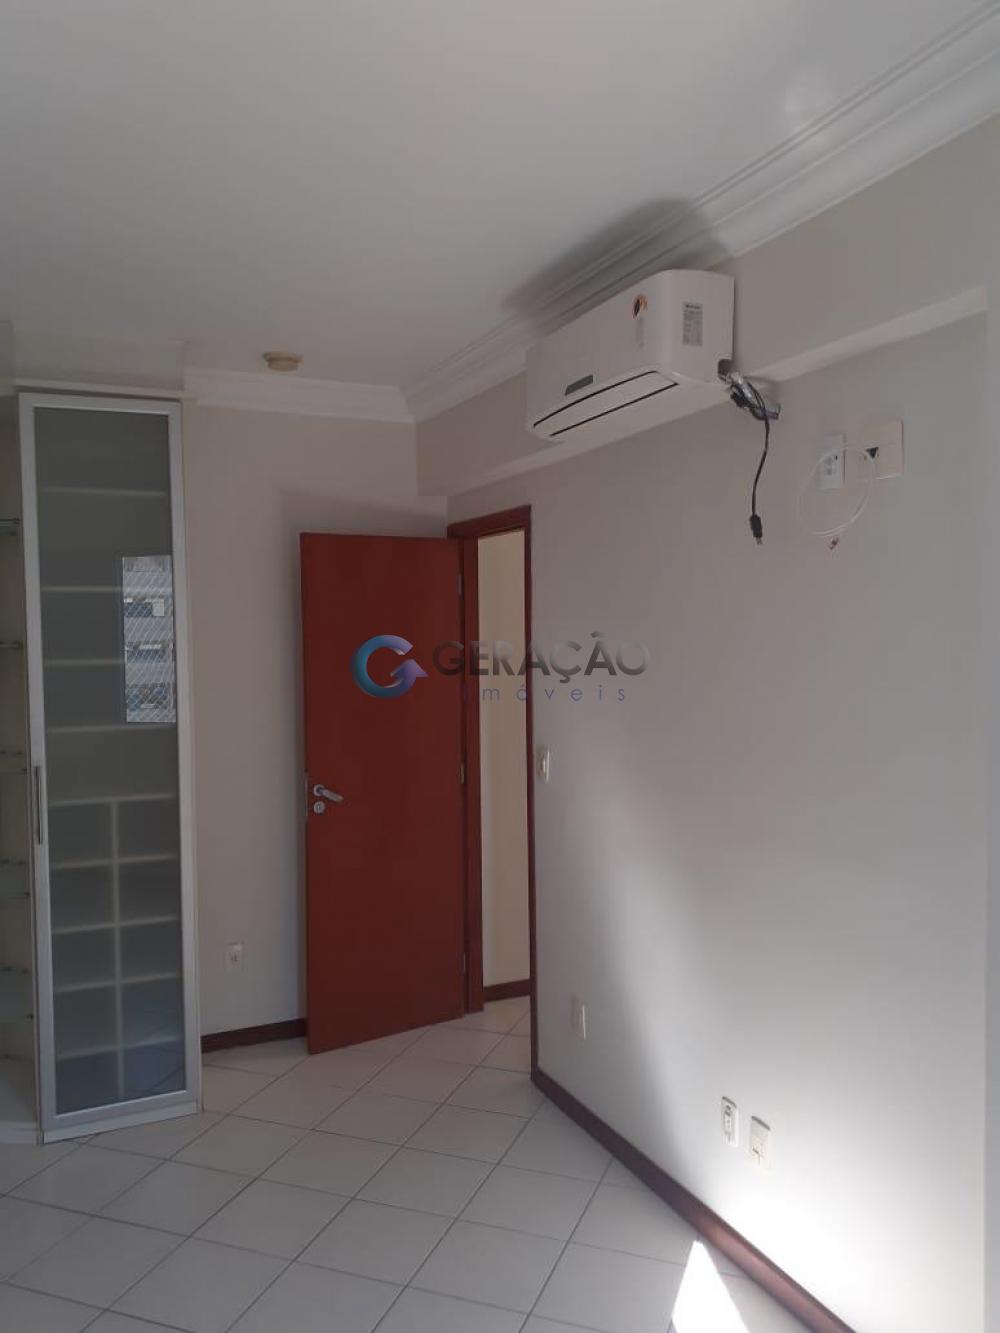 Alugar Apartamento / Padrão em São José dos Campos R$ 1.650,00 - Foto 3